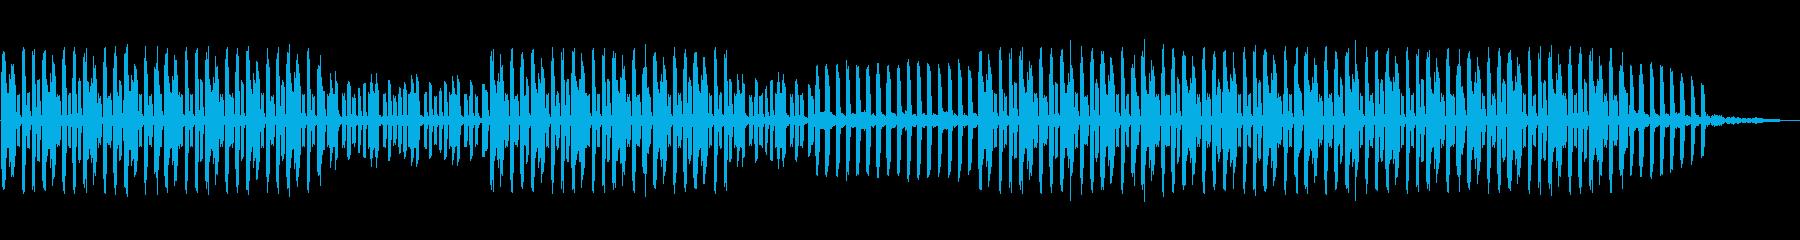 テクノの再生済みの波形